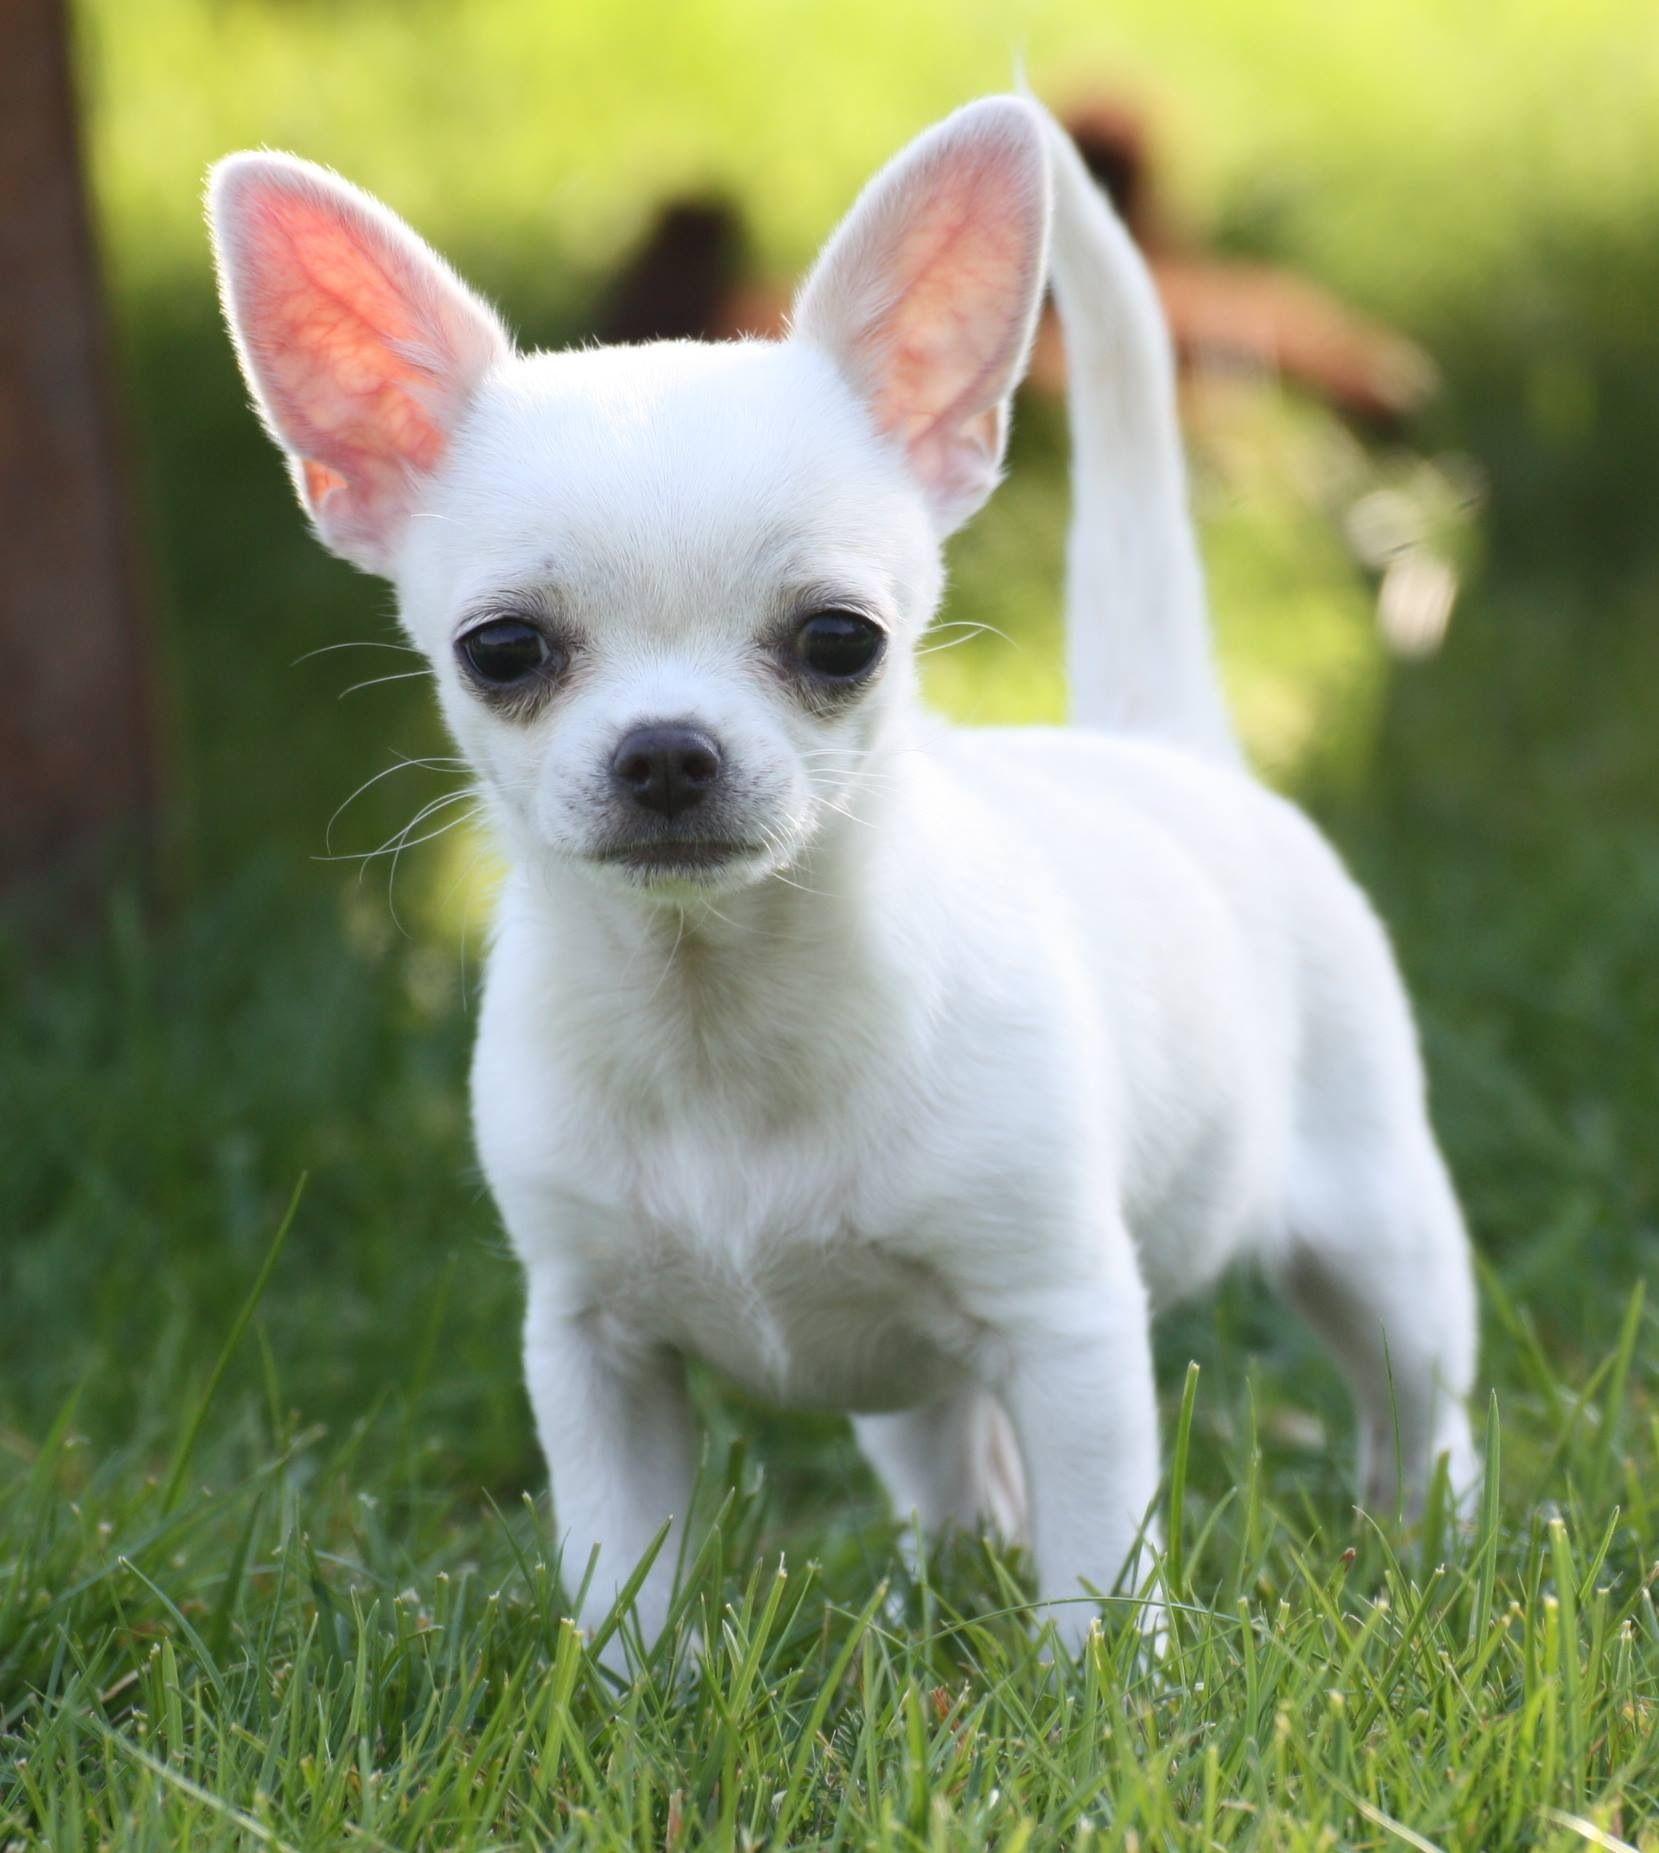 White Chihuahua...looks like my sugar bear | ~PUPPY LUV